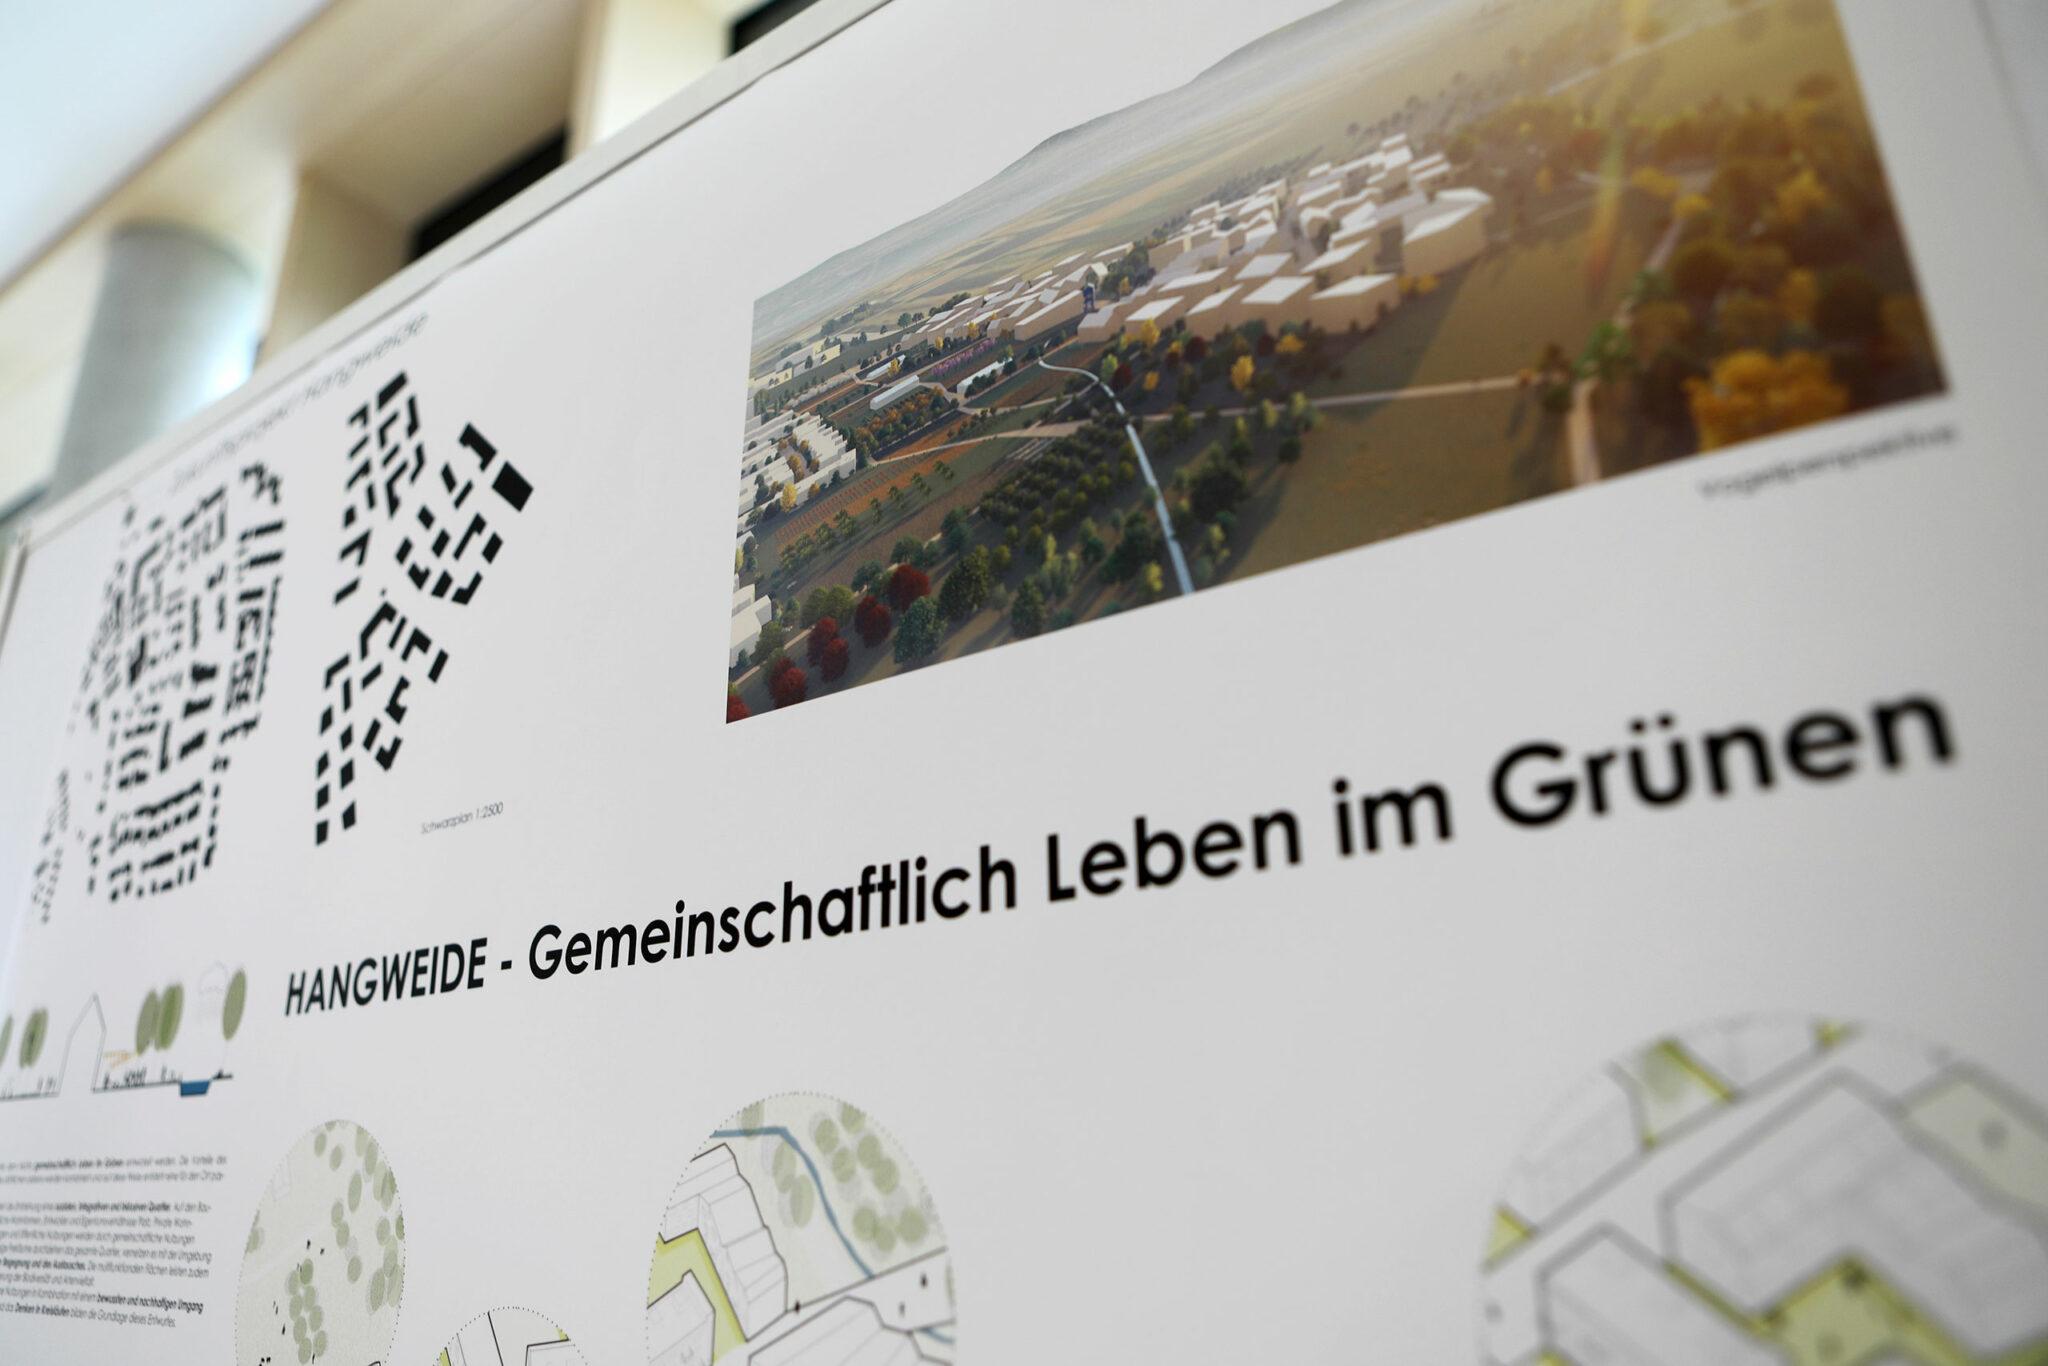 Städtebaulicher Entwurf für die Hangweide / Kernen im Remstal (UTA / Sima | Breer; Bild: Alexandra Palmizi)